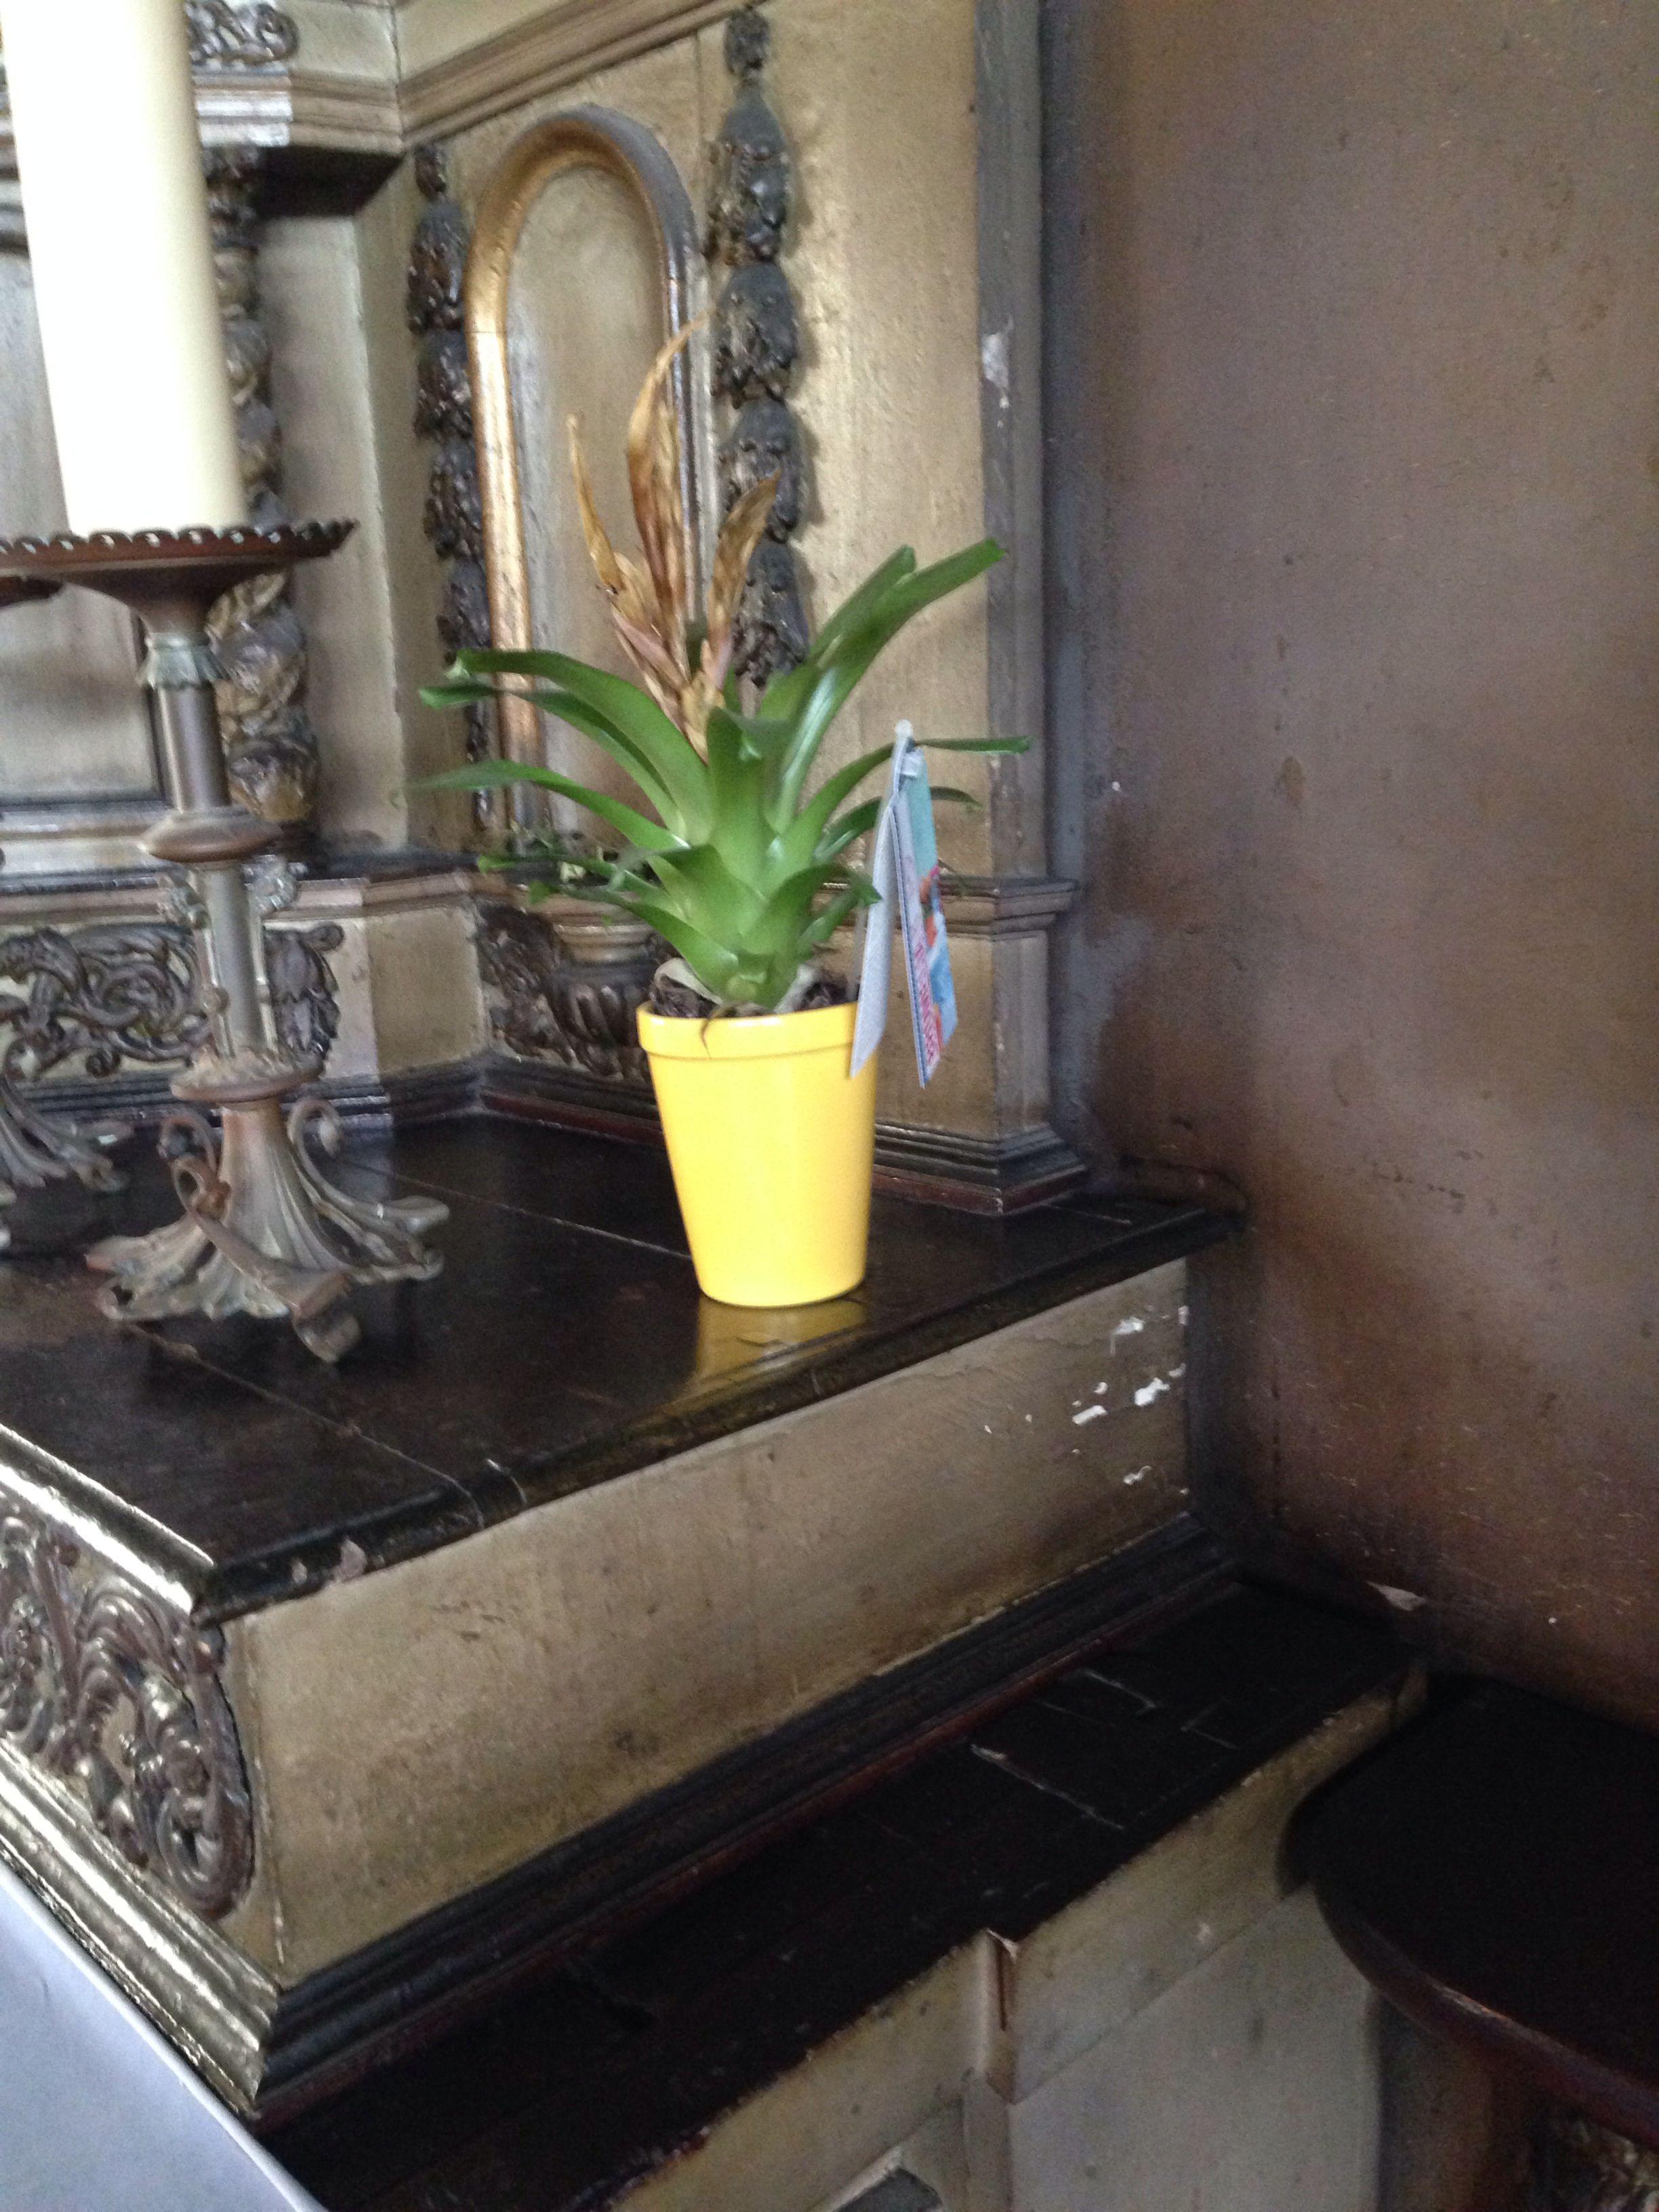 """Bromelia plant, van Nederlandse bodem. gespot in de oude kerk van de Franse havenstad Honfleur. Tijdens vakantie houden we gewoon onze ogen open en spotten bloemen en planten. """"Deze bromelia heeft zijn beste tijd gehad; de kleur combinatie pot/plant blijft wel de aandacht trekken"""" ~ Jacqueline"""